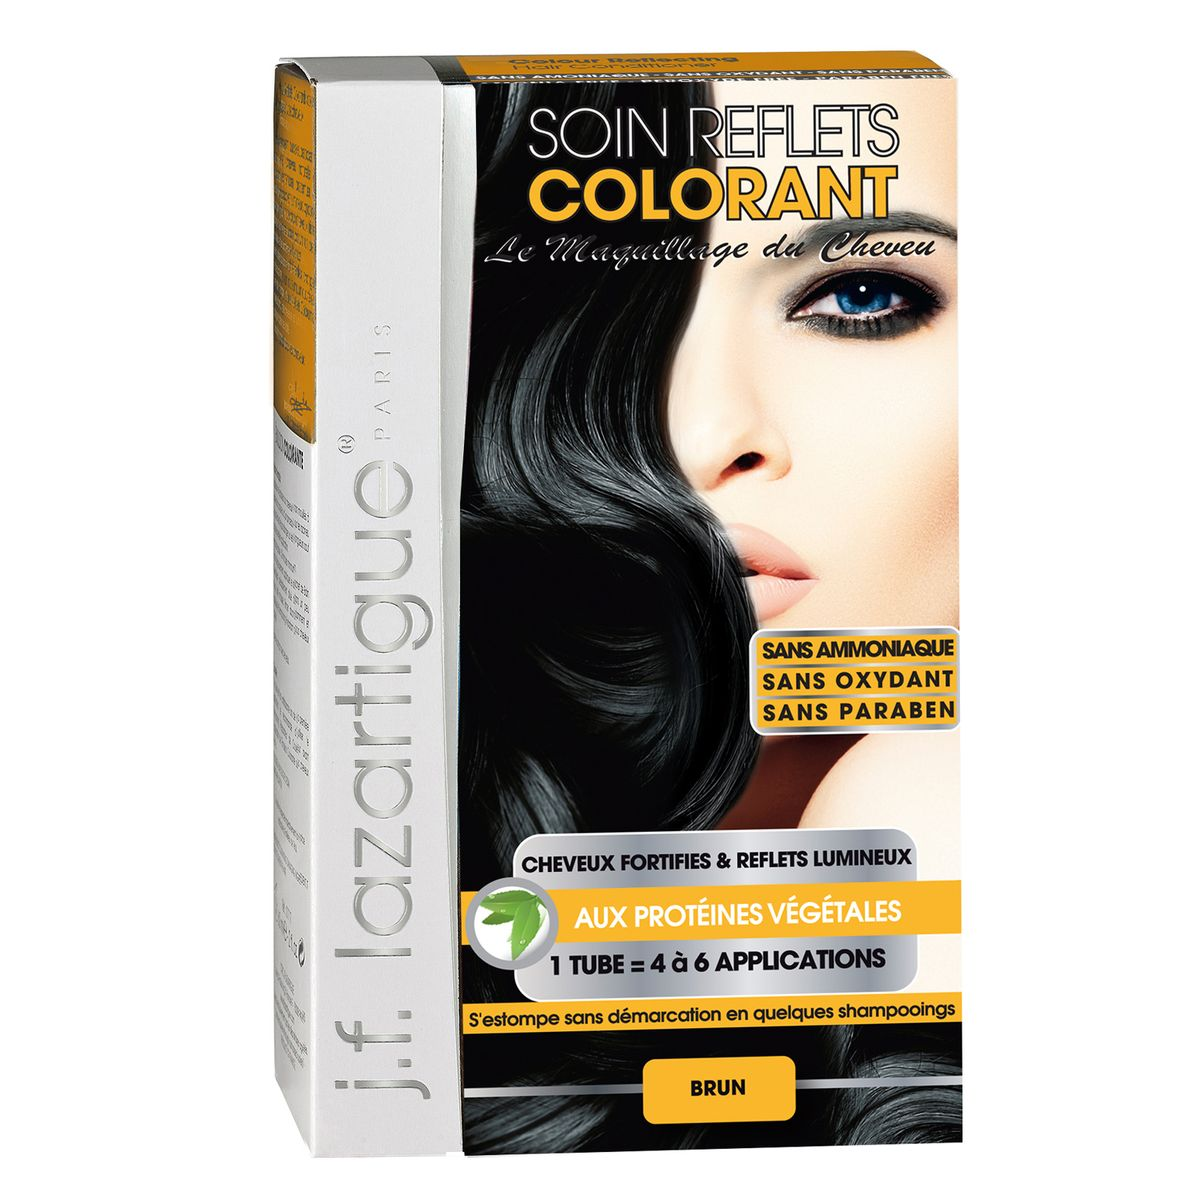 J.F.Lazartigue Оттеночный кондиционер для волос Черный 100 мл61635Оттеночный кондиционер J.F.LAZARTIGUE – это лечебный макияж для Ваших волос. Два эффекта: кондиционирование волос и легкий оттенок. Особенности: придает новый или более теплый (или холодный) оттенок, делает тон темнее или акцентирует цвет, оживляет естественный цвет или придает яркость тусклым и выцветшим на солнце волосам. Закрашивает небольшой процент седины! После мытья волос шампунем (3-6 раз) смывается. Для достижения индивидуального оттенка можно смешать два разных кондиционера: добавить к выбранному ТЕМНЫЙ РЫЖИЙ (Auburn), МЕДНЫЙ (Copper) и т.п. Не осветляет волосы. Не содержит аммиака и перекиси водорода. Не содержит парабенов. Не предназначен для окрашивания бровей и ресниц.